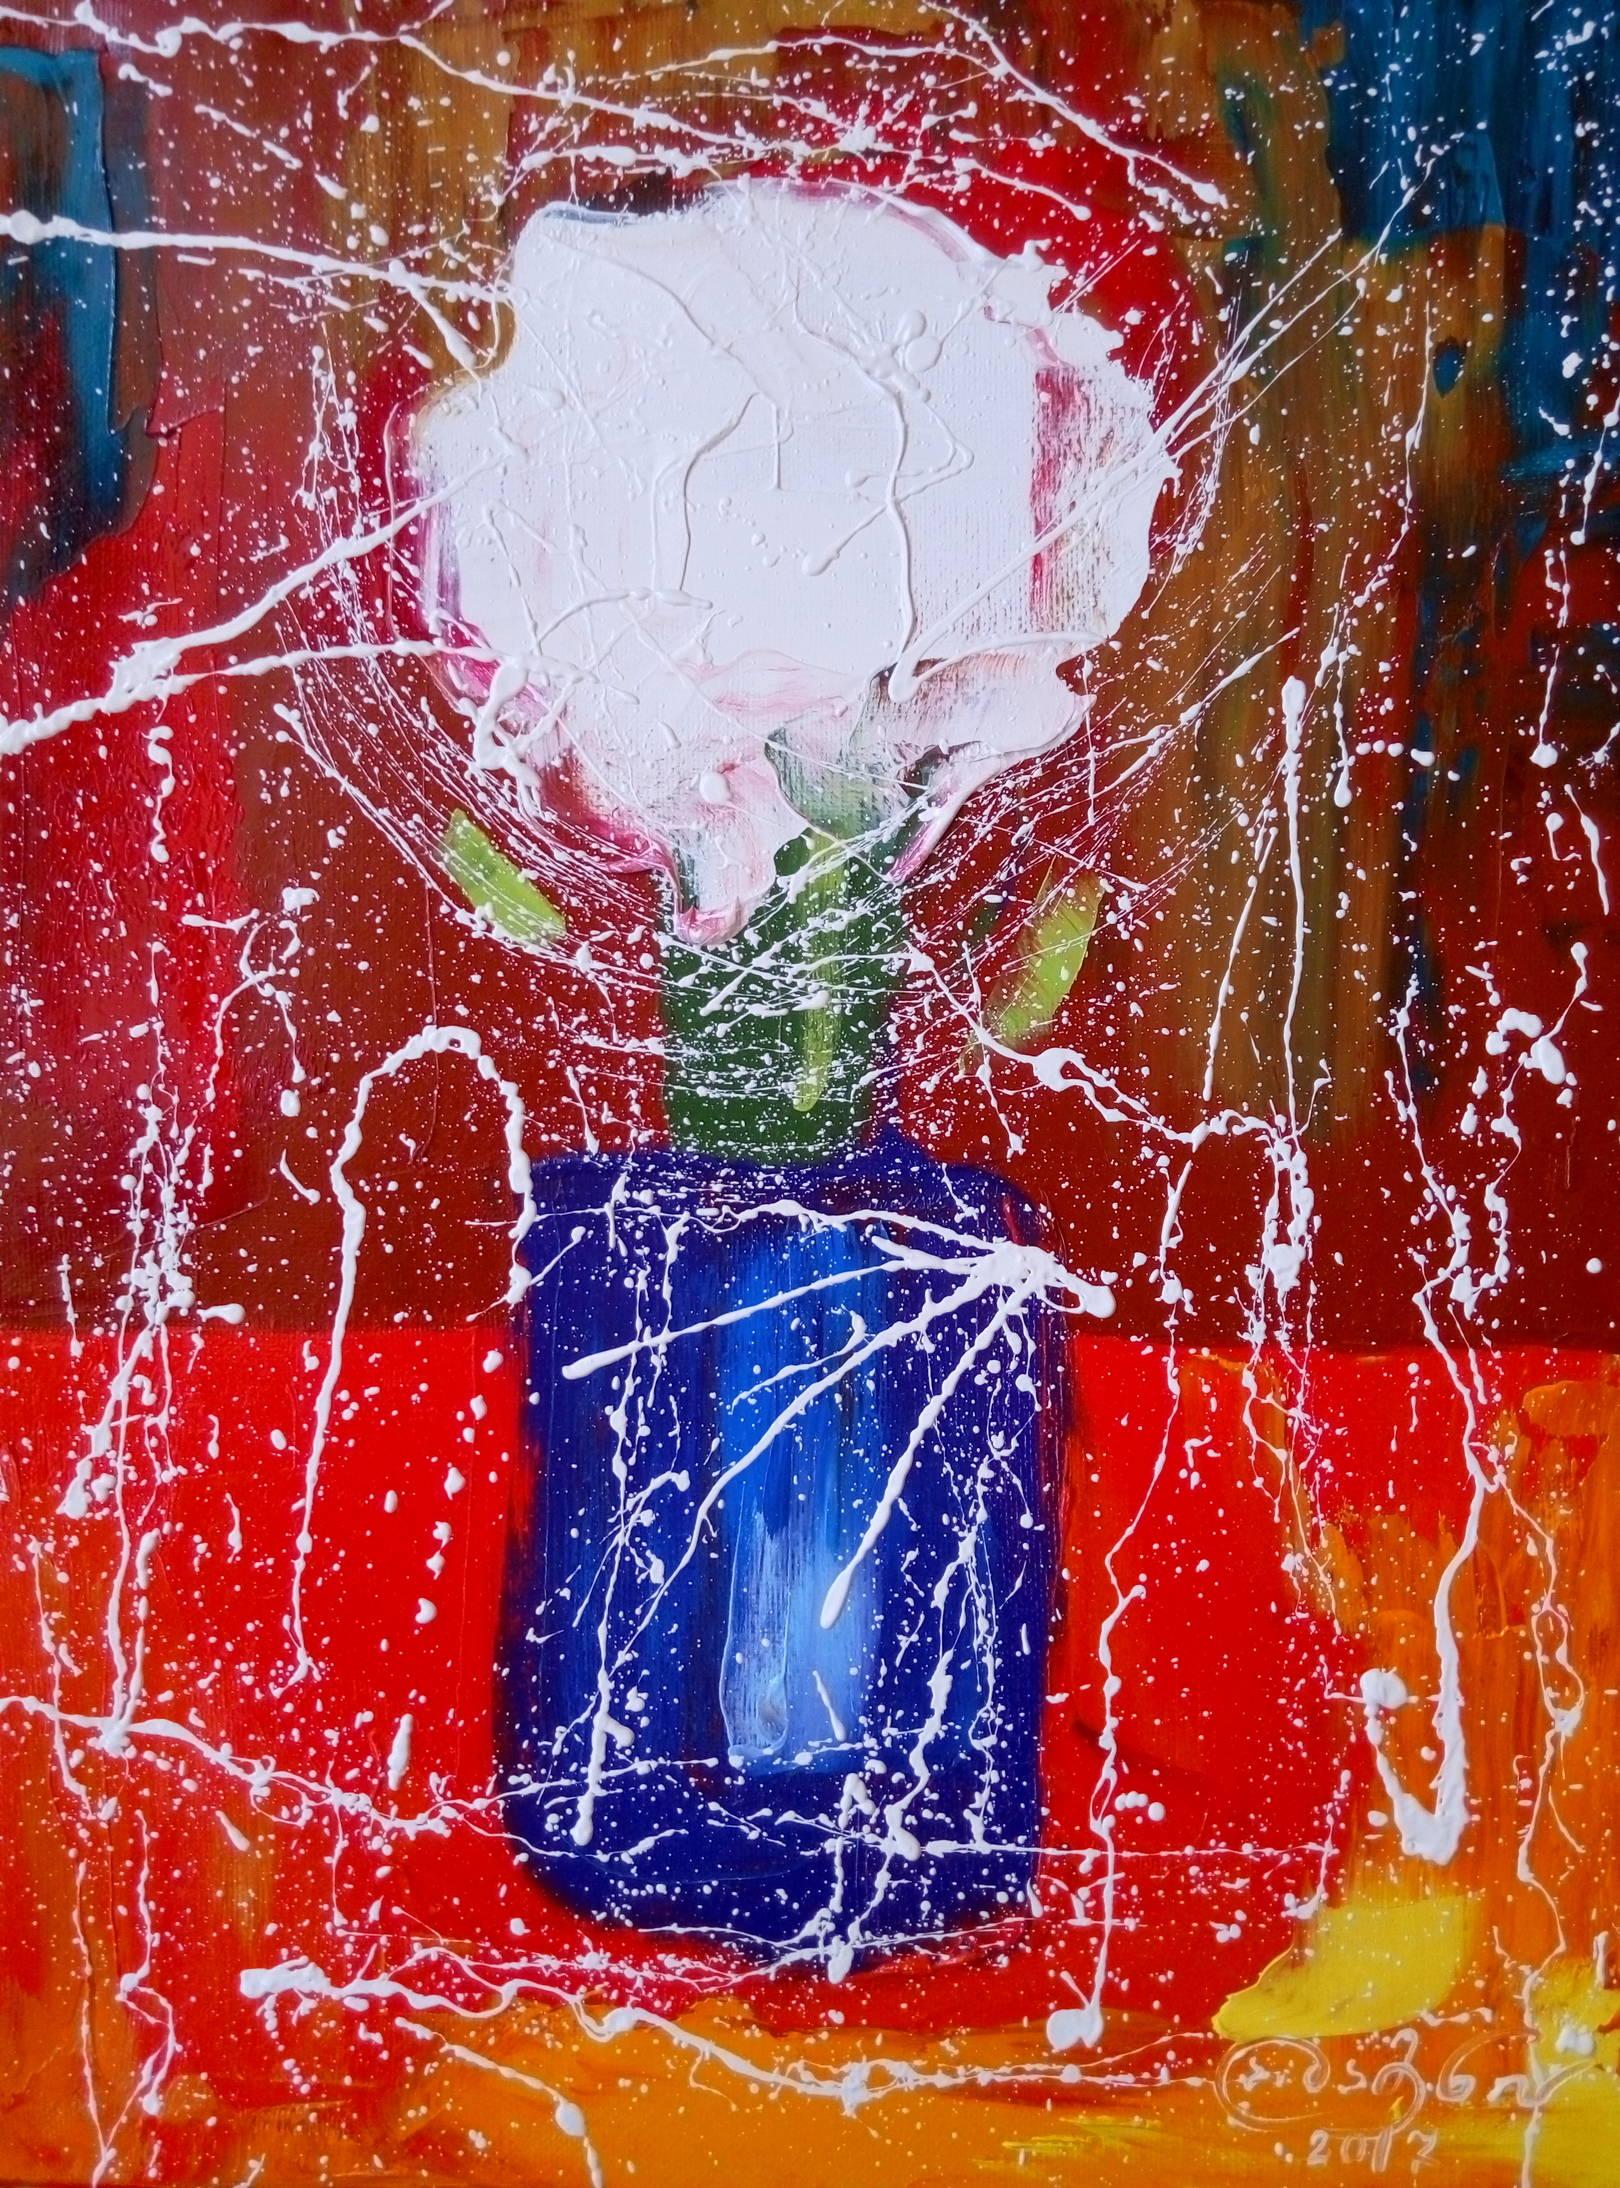 «Цветы в синей вазе»     холст, масло «Flowers in a blue vase»  oil on canvas  40x30, 2017